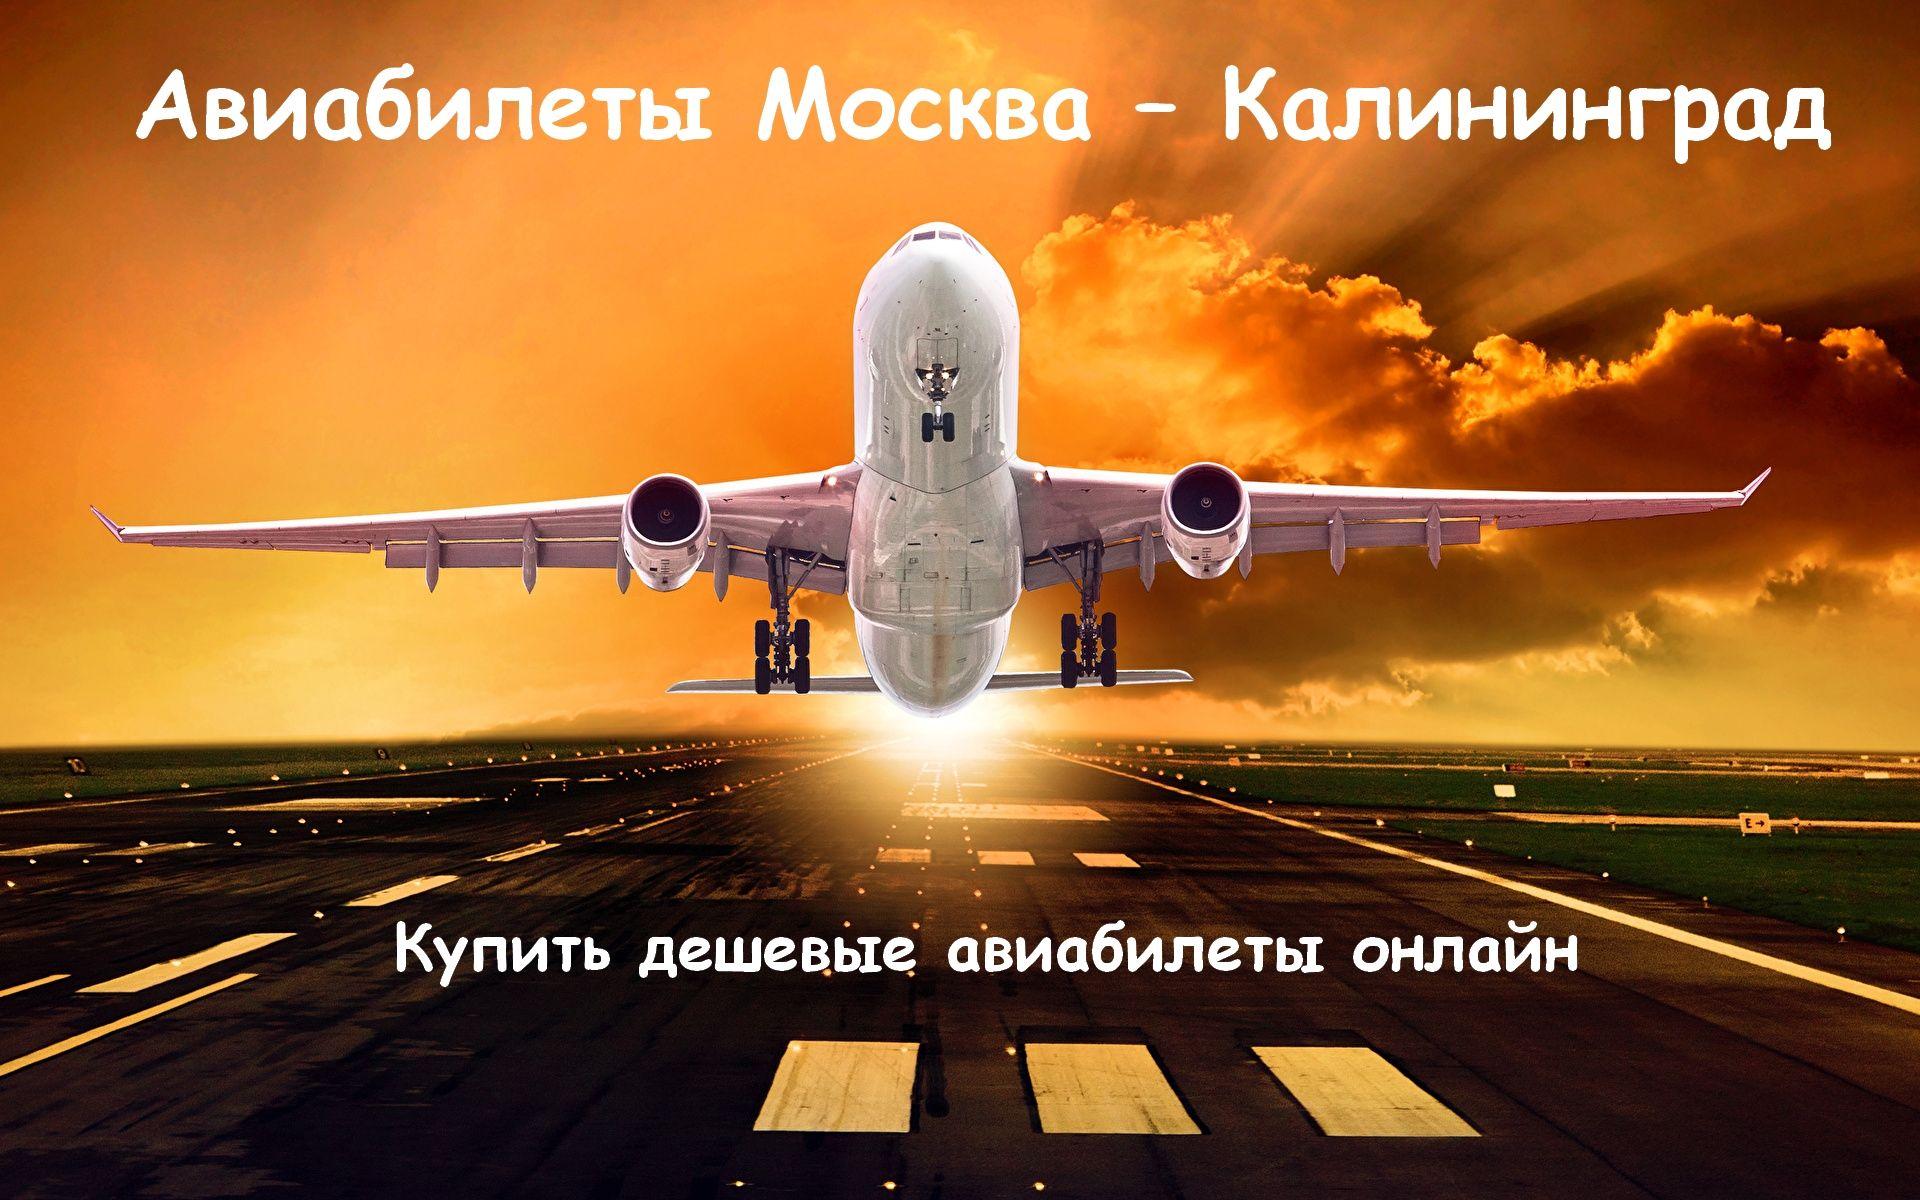 Дешевые билеты на самолет в москву с калининграда мурманск стокгольм билеты на самолет